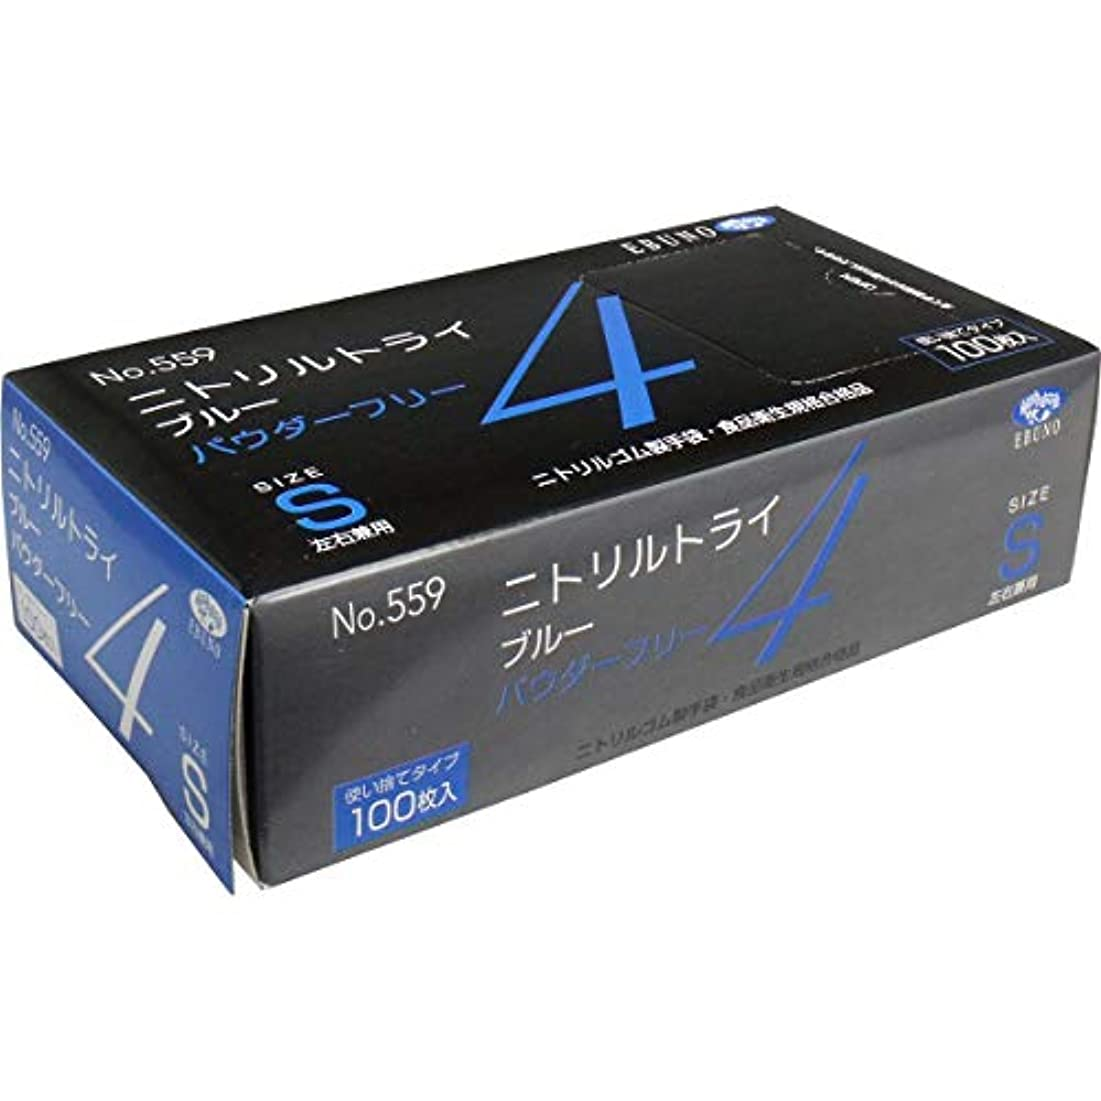 ニトリルトライ4 手袋 ブルー パウダーフリー Sサイズ 100枚入×10個セット